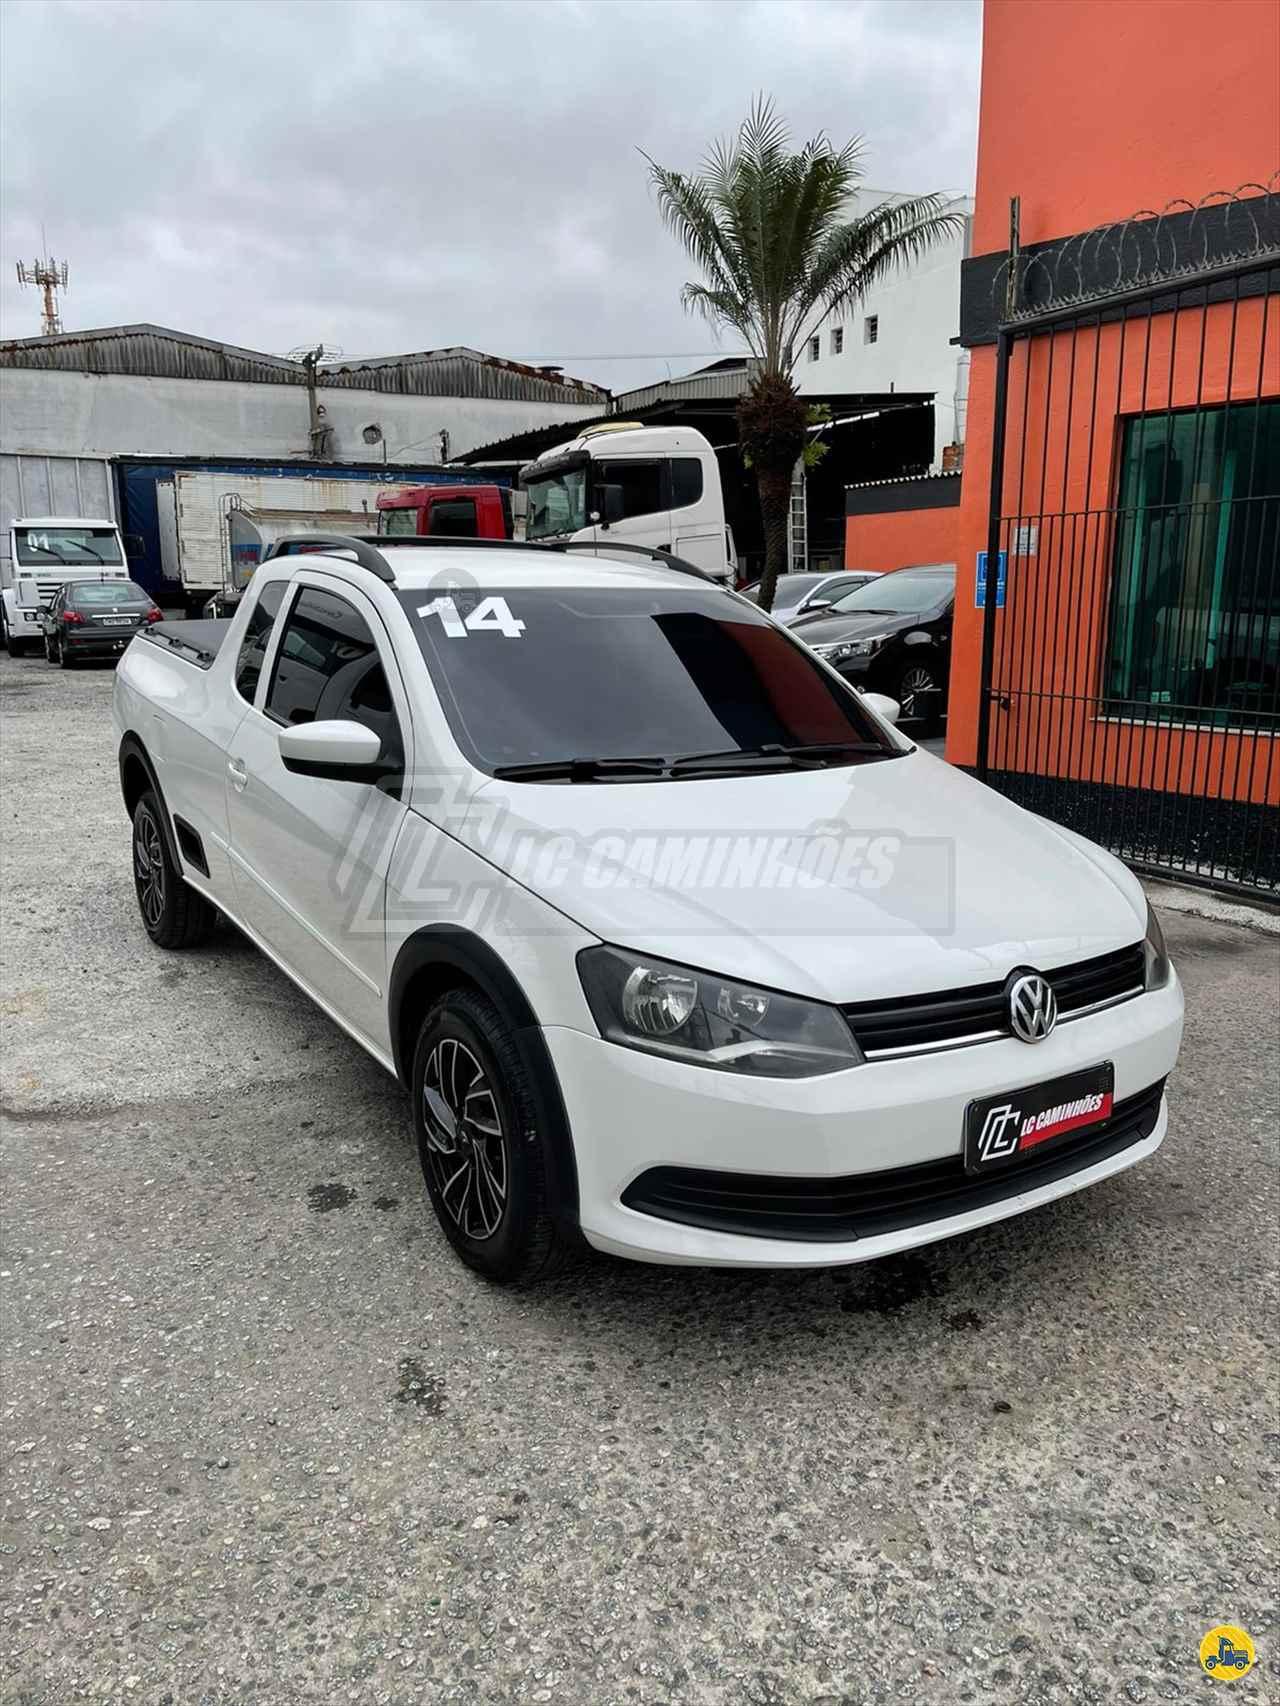 CARRO VW - Volkswagen Saveiro 1.6 Mi LC Caminhões SAO PAULO SÃO PAULO SP